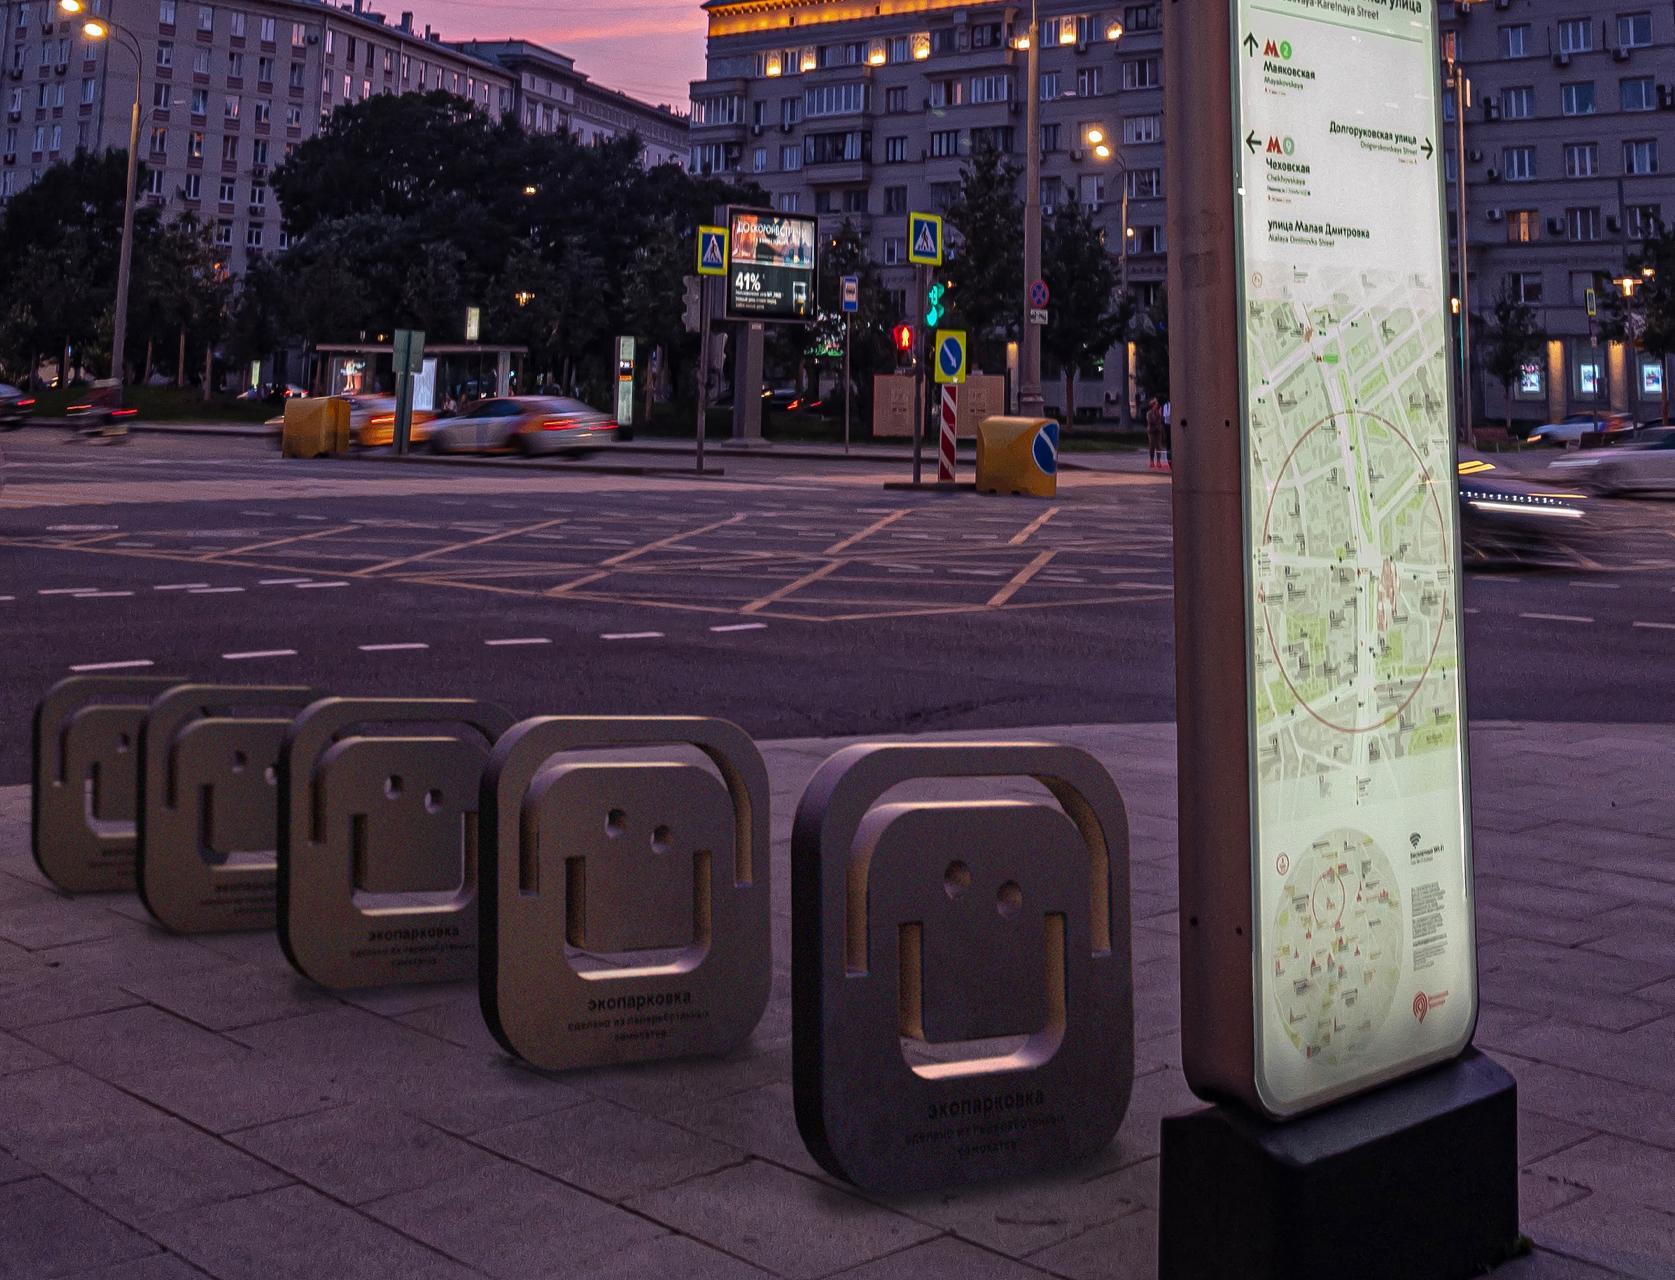 Кикшеринг Urent запустил программу экологичной переработки самокатов